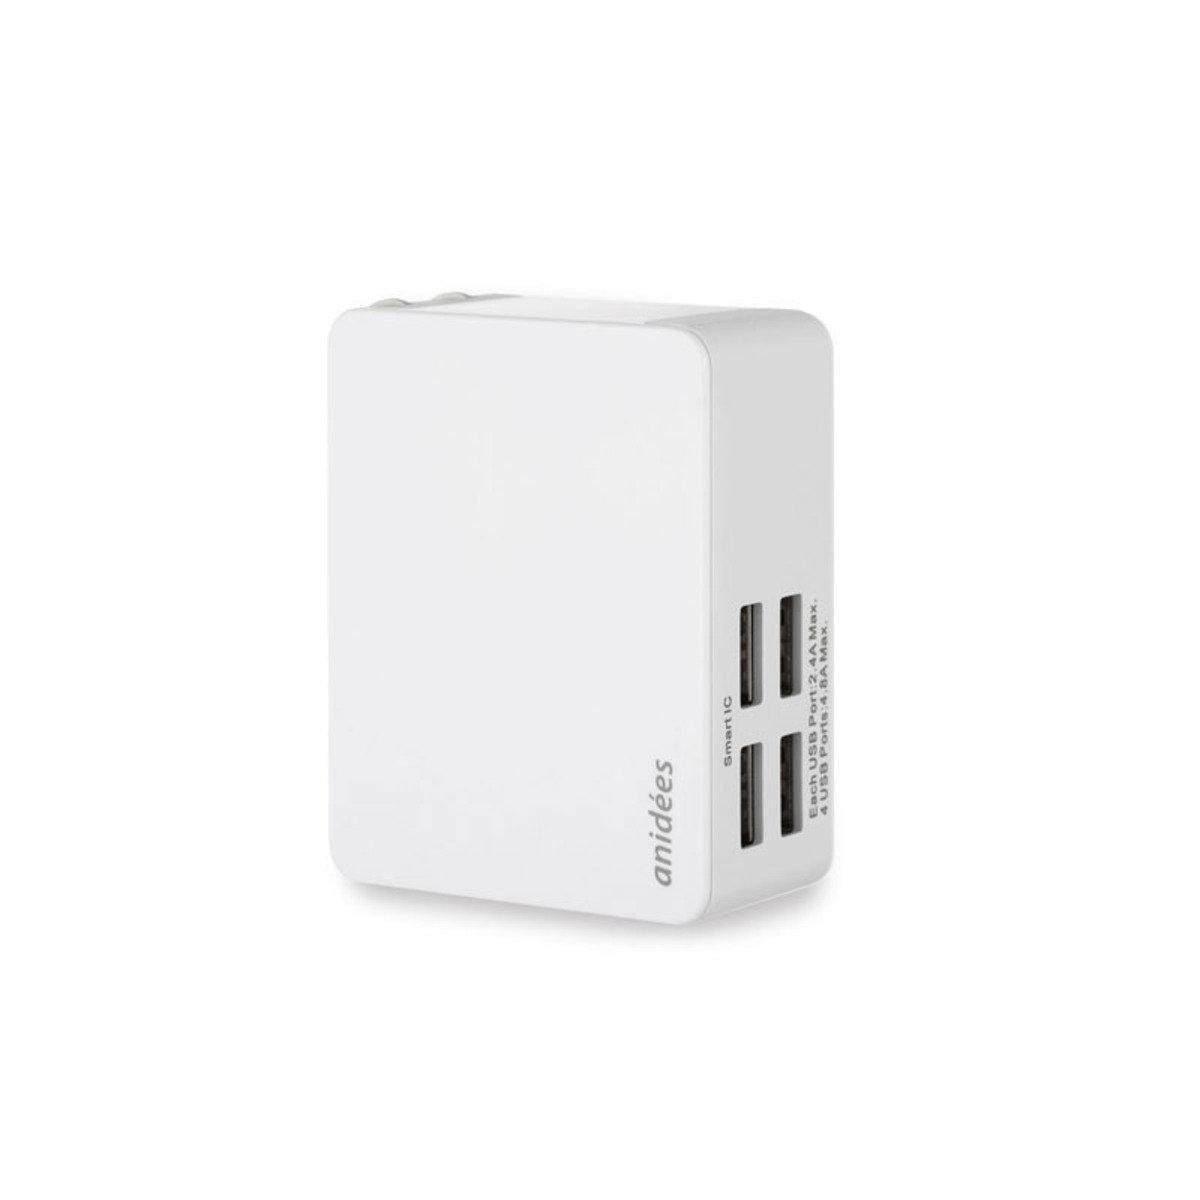 4埠USB 攜帶型智能電源充電器  AI-4CHARGER-W